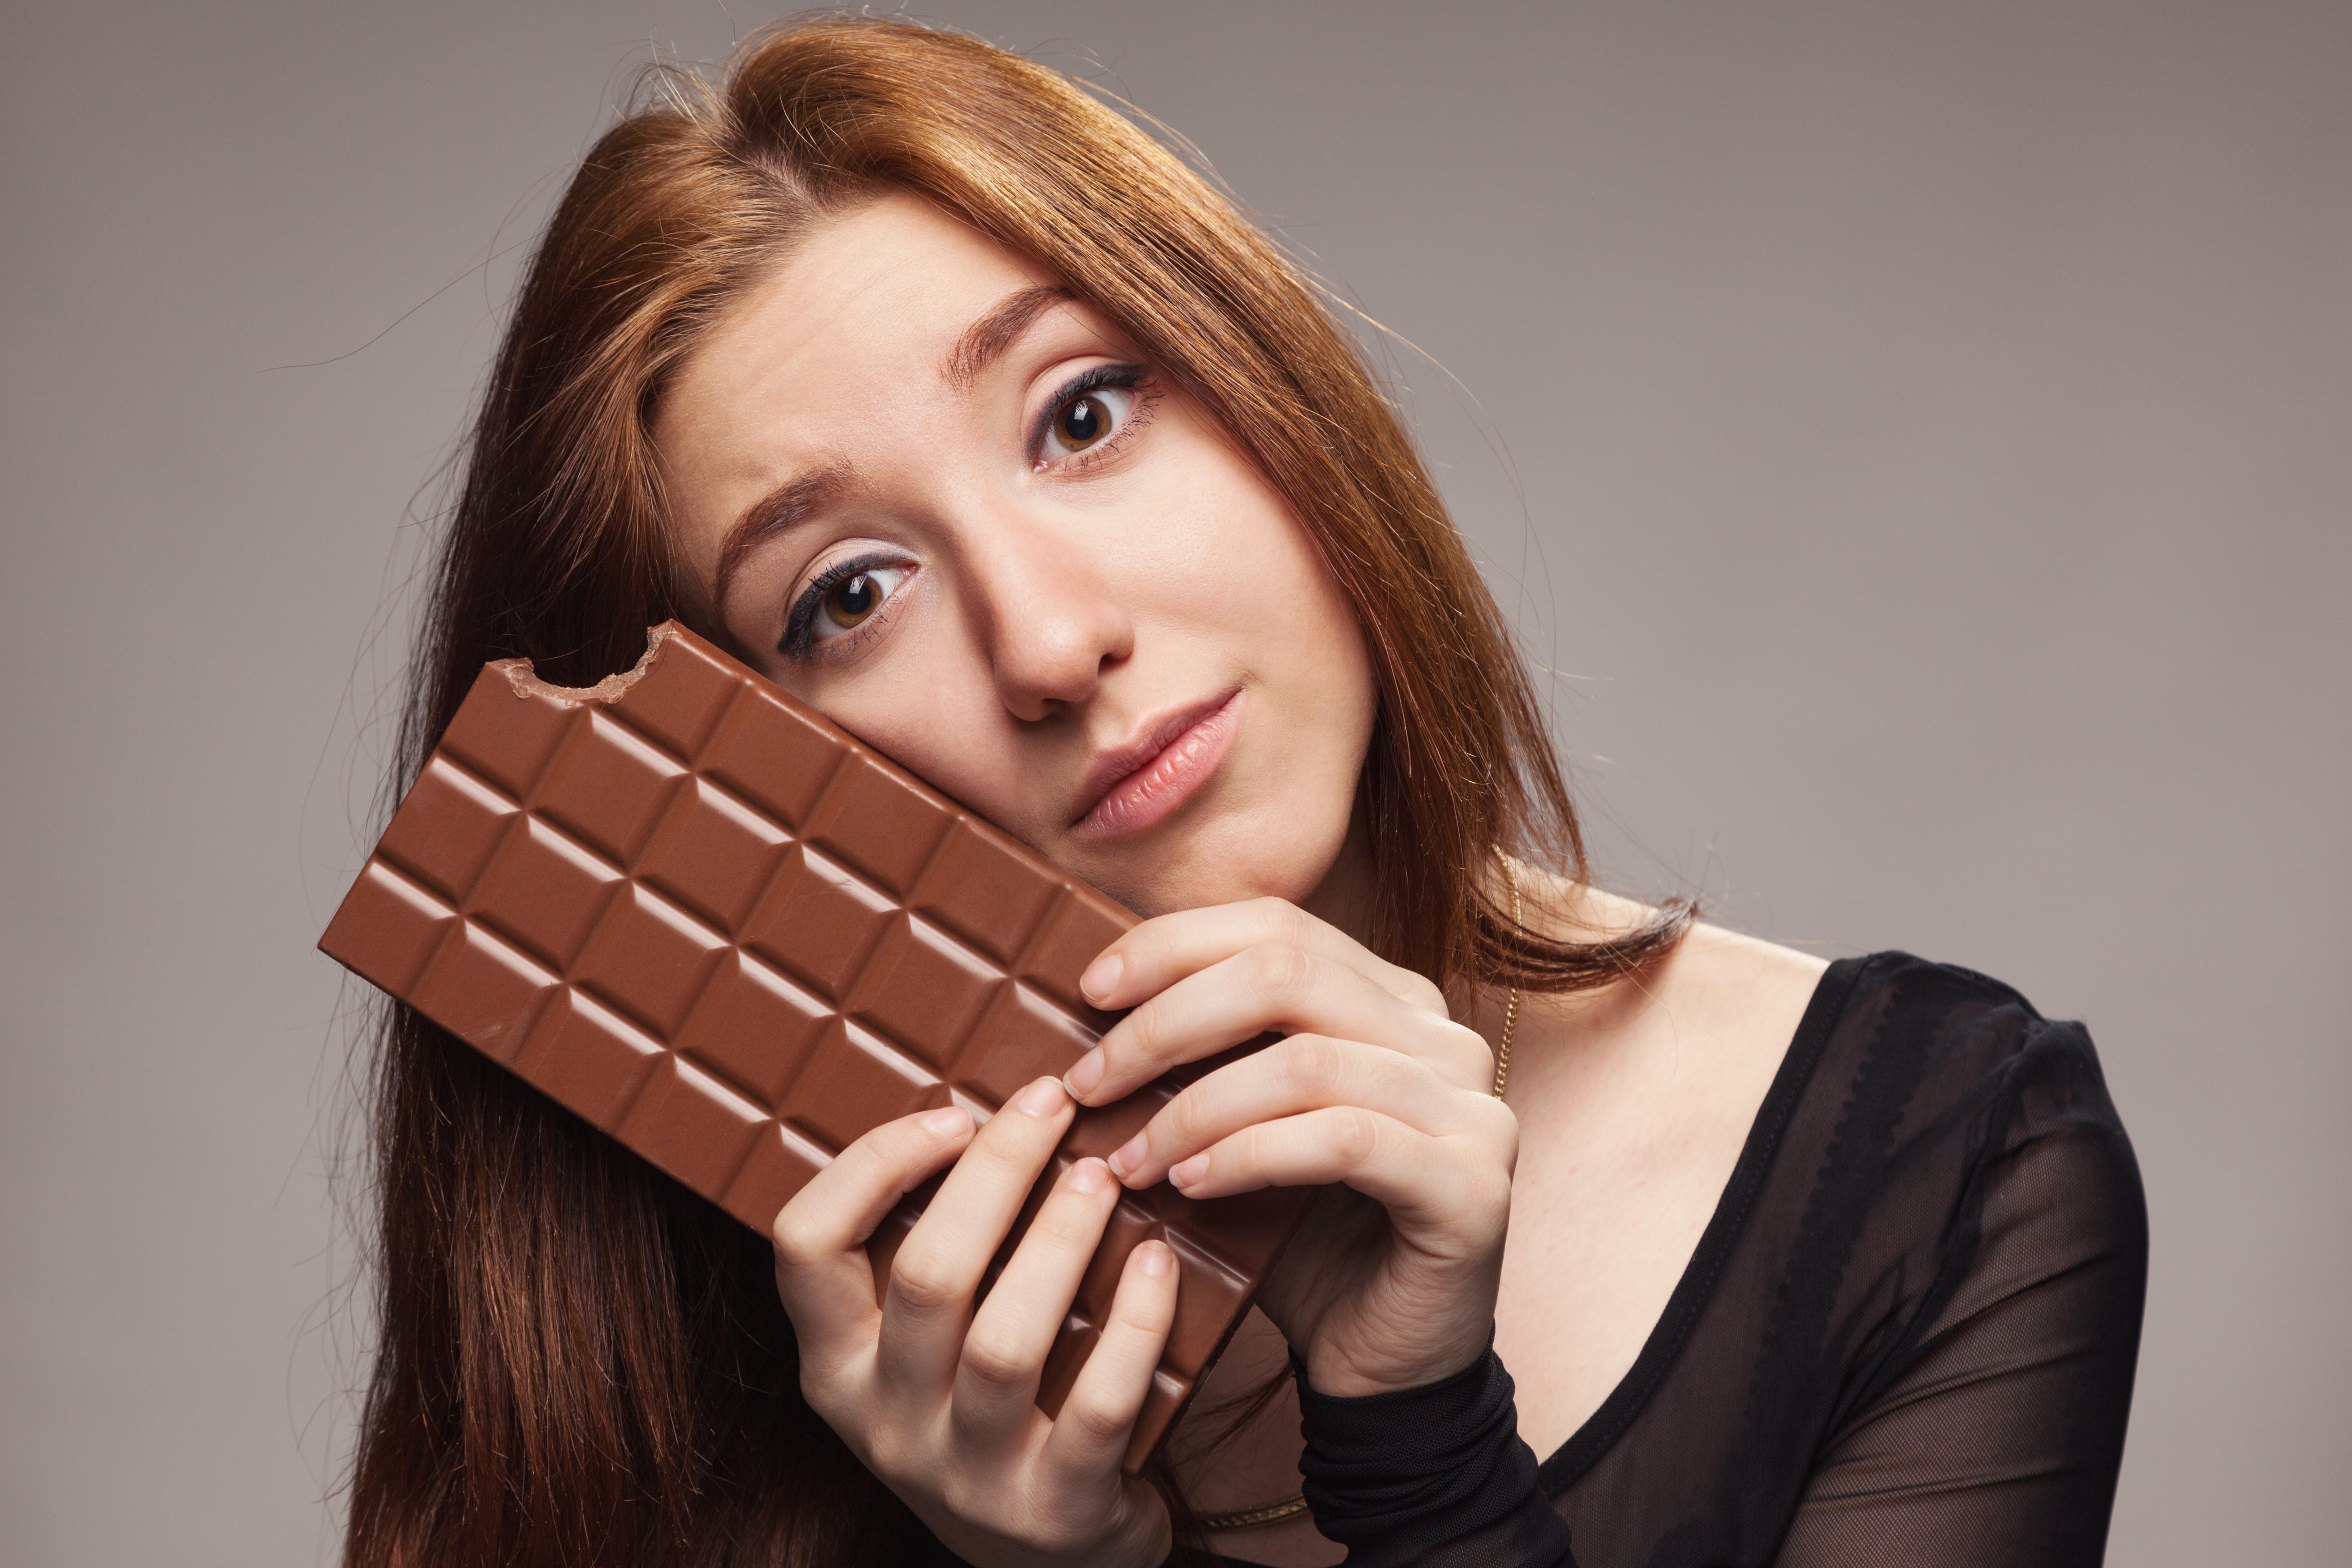 Çikolatanın Faydaları Nelerdir?